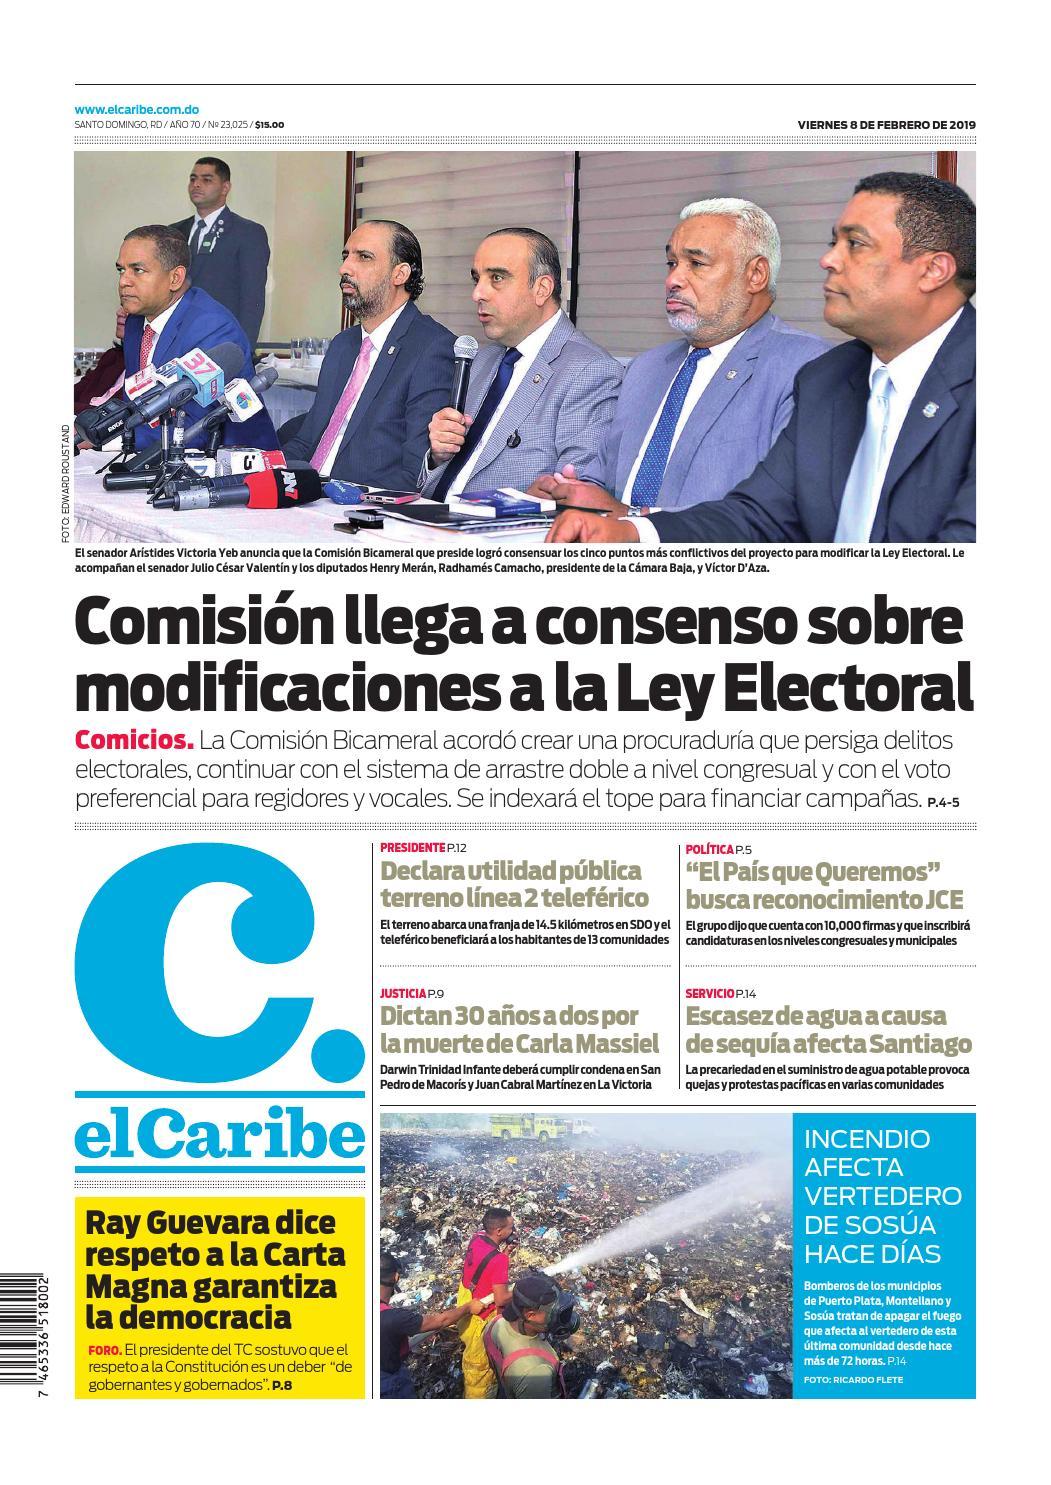 Portada Periódico El Caribe, Viernes 08 de Febrero 2019